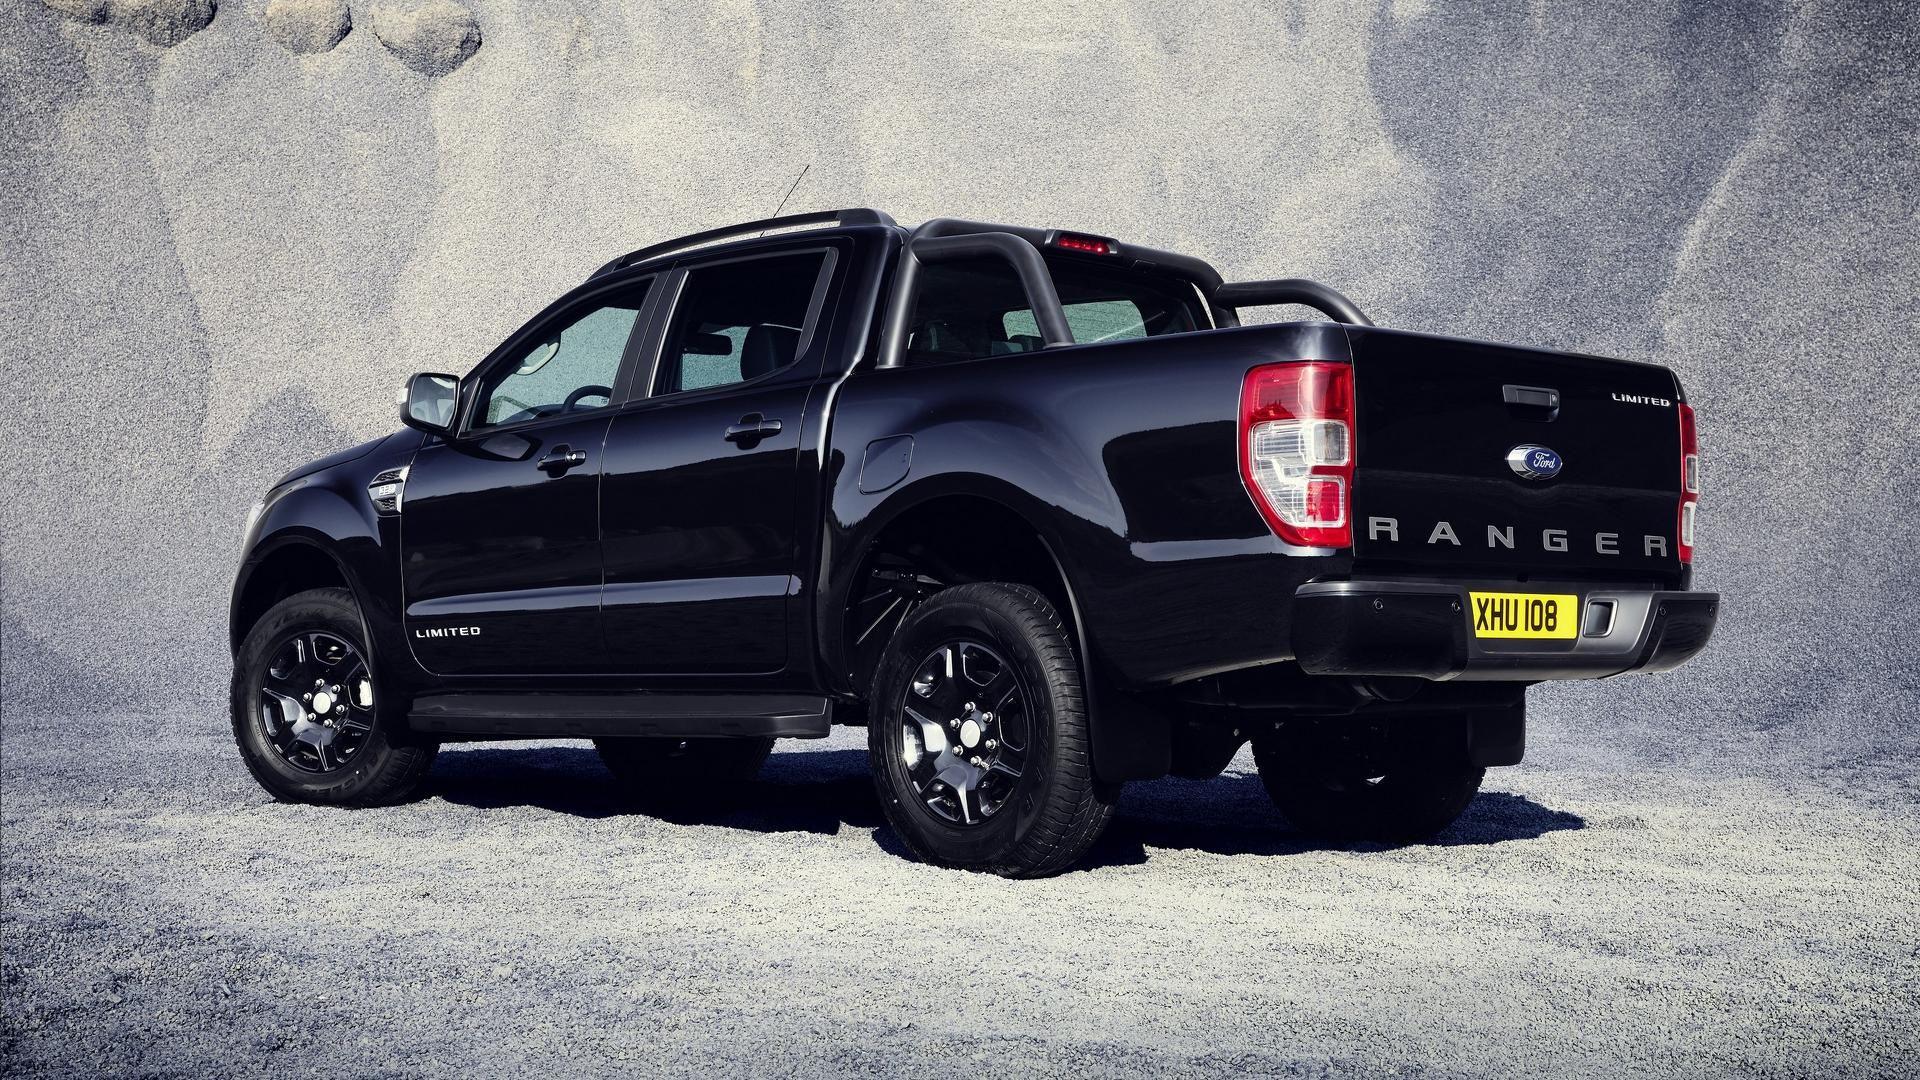 Ford Ranger Black Edition S Izobrazheniyami